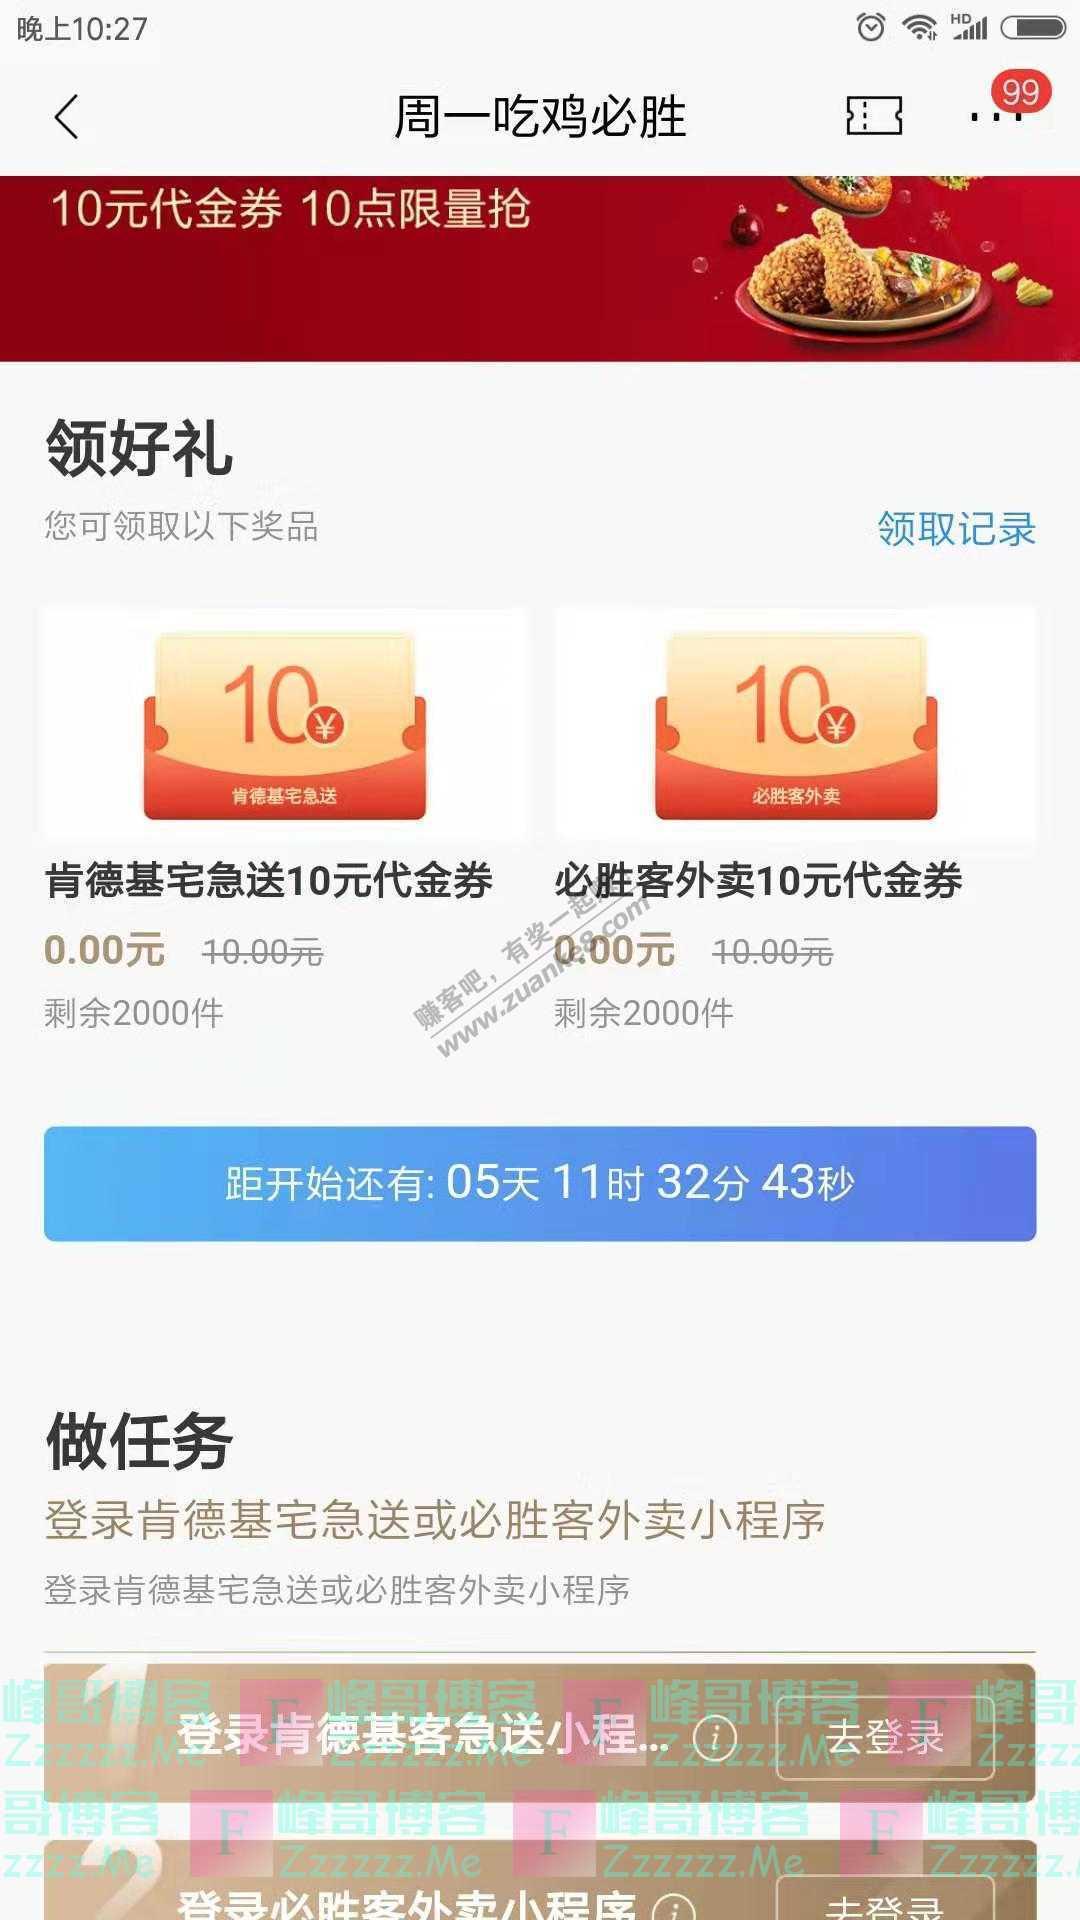 招商银行app周一吃鸡必胜(截止12月31日)